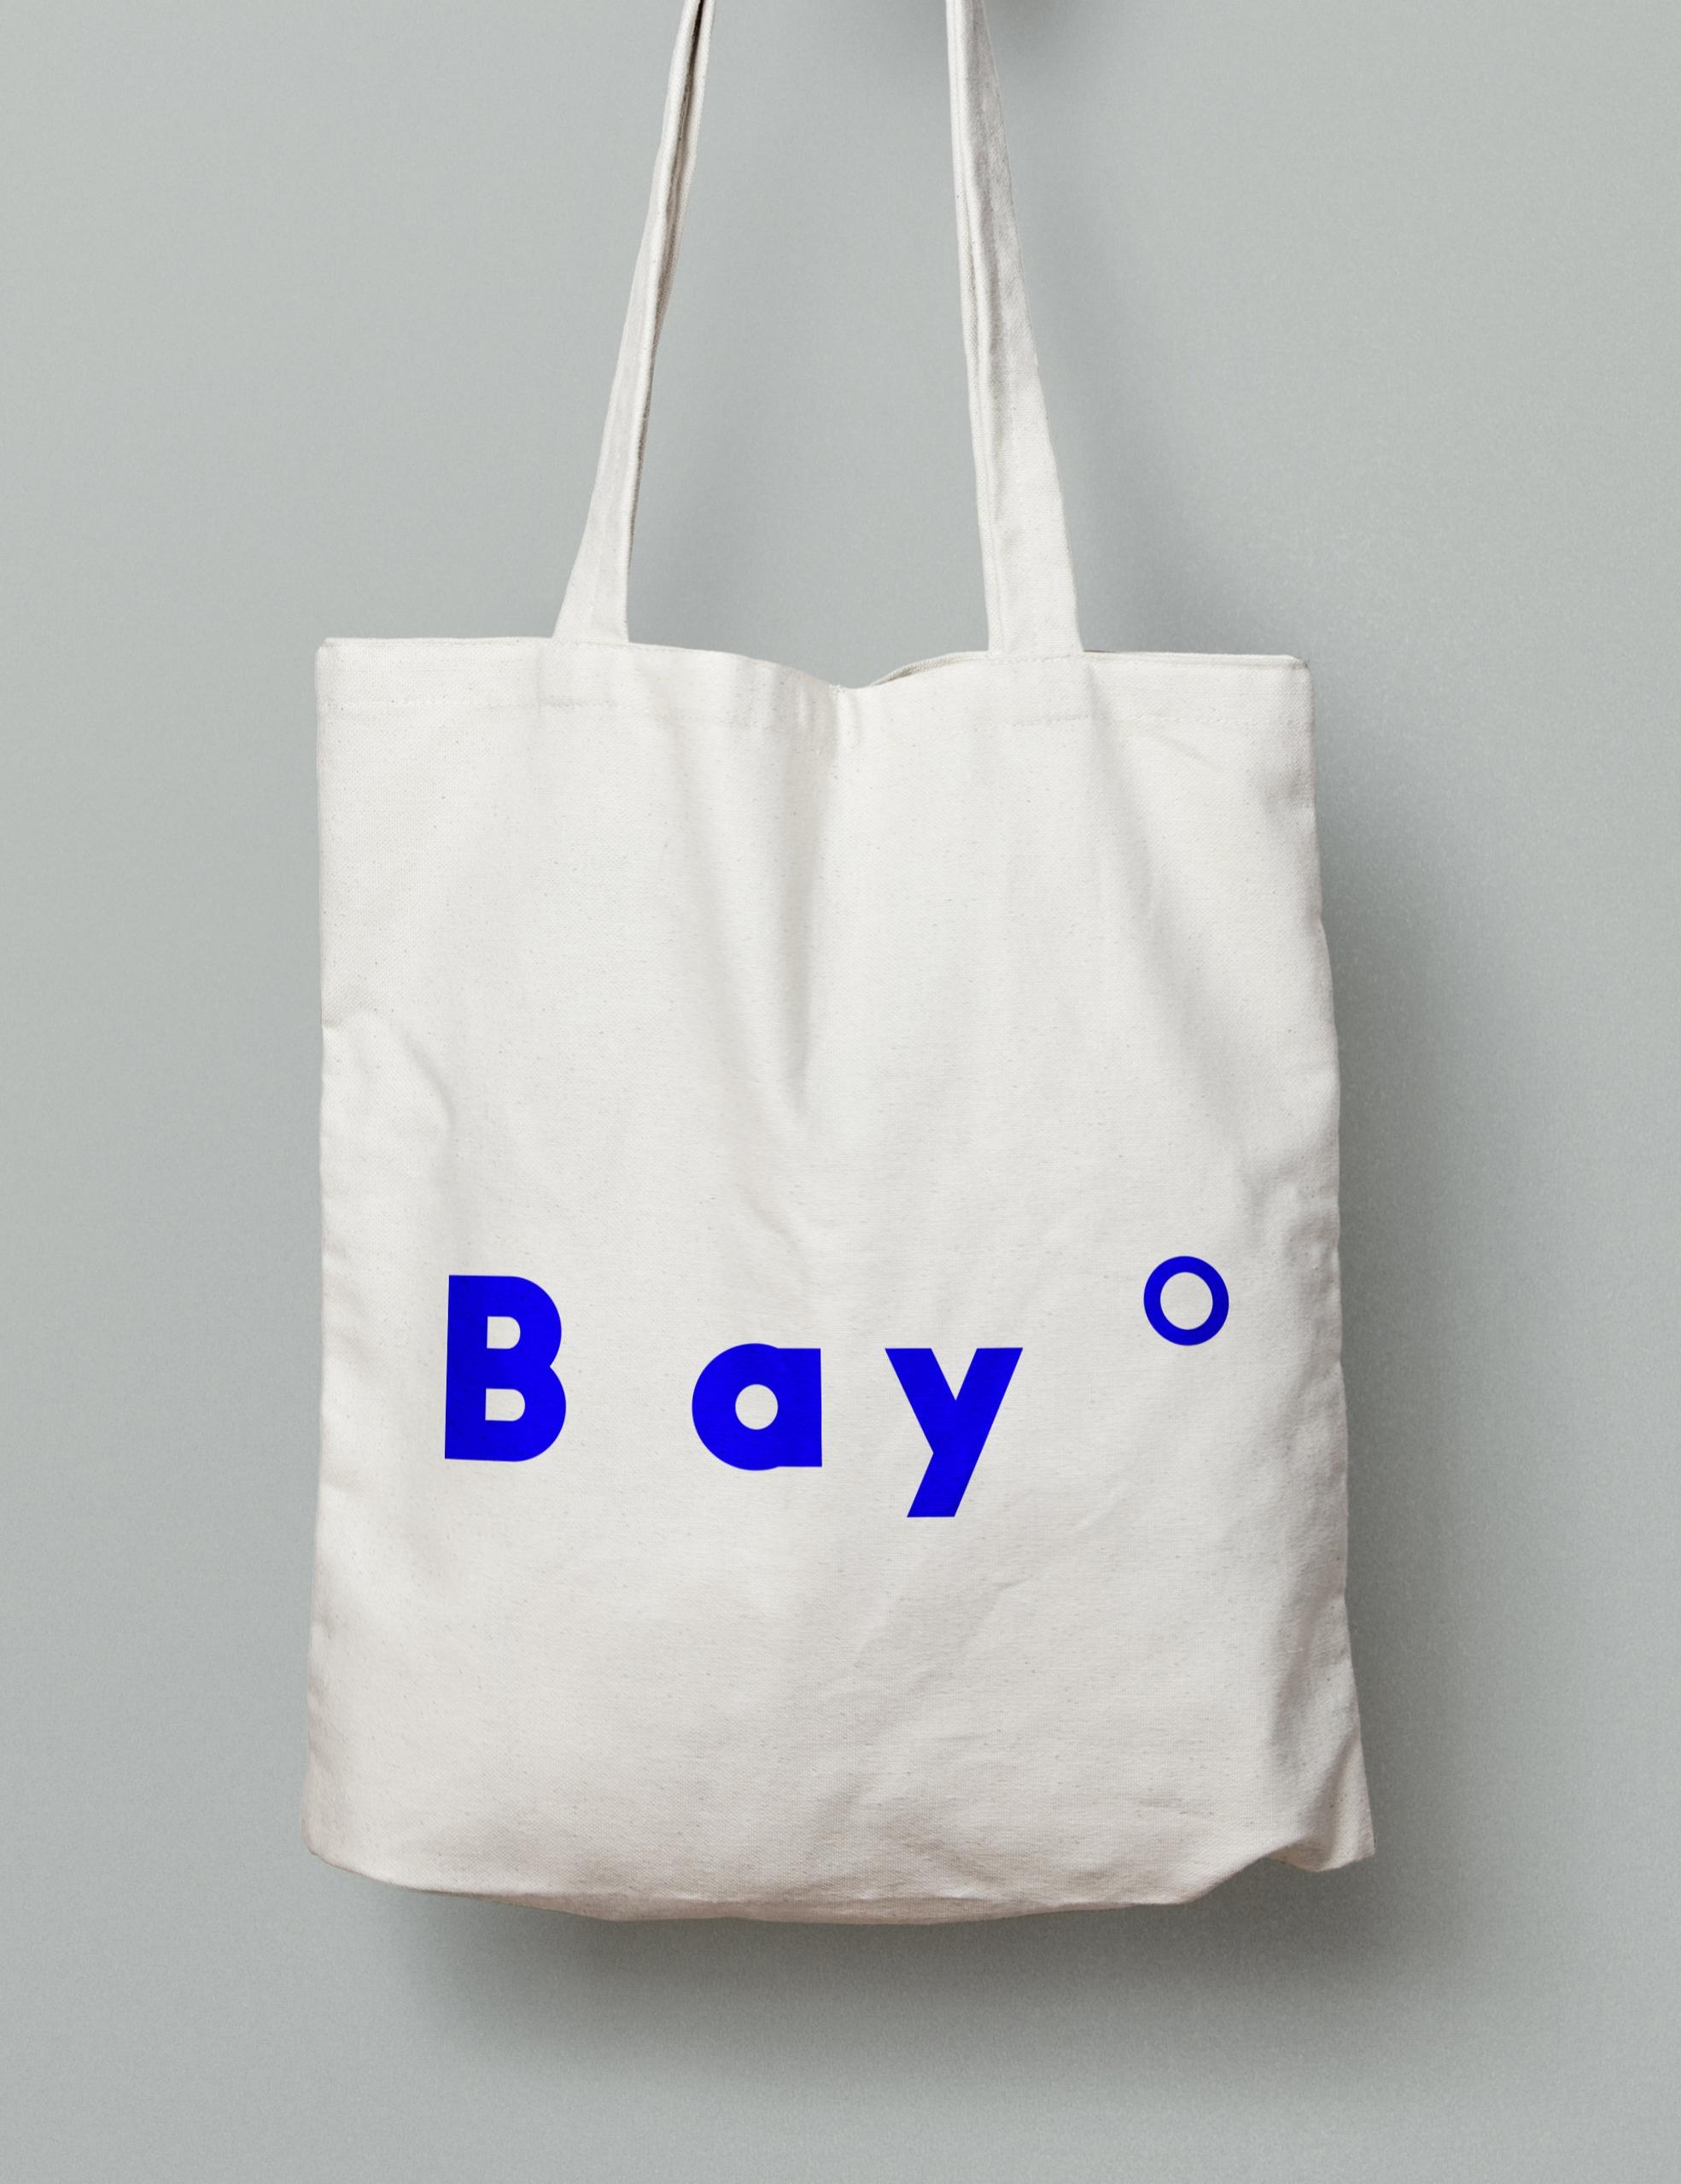 Bay gallery / brand design